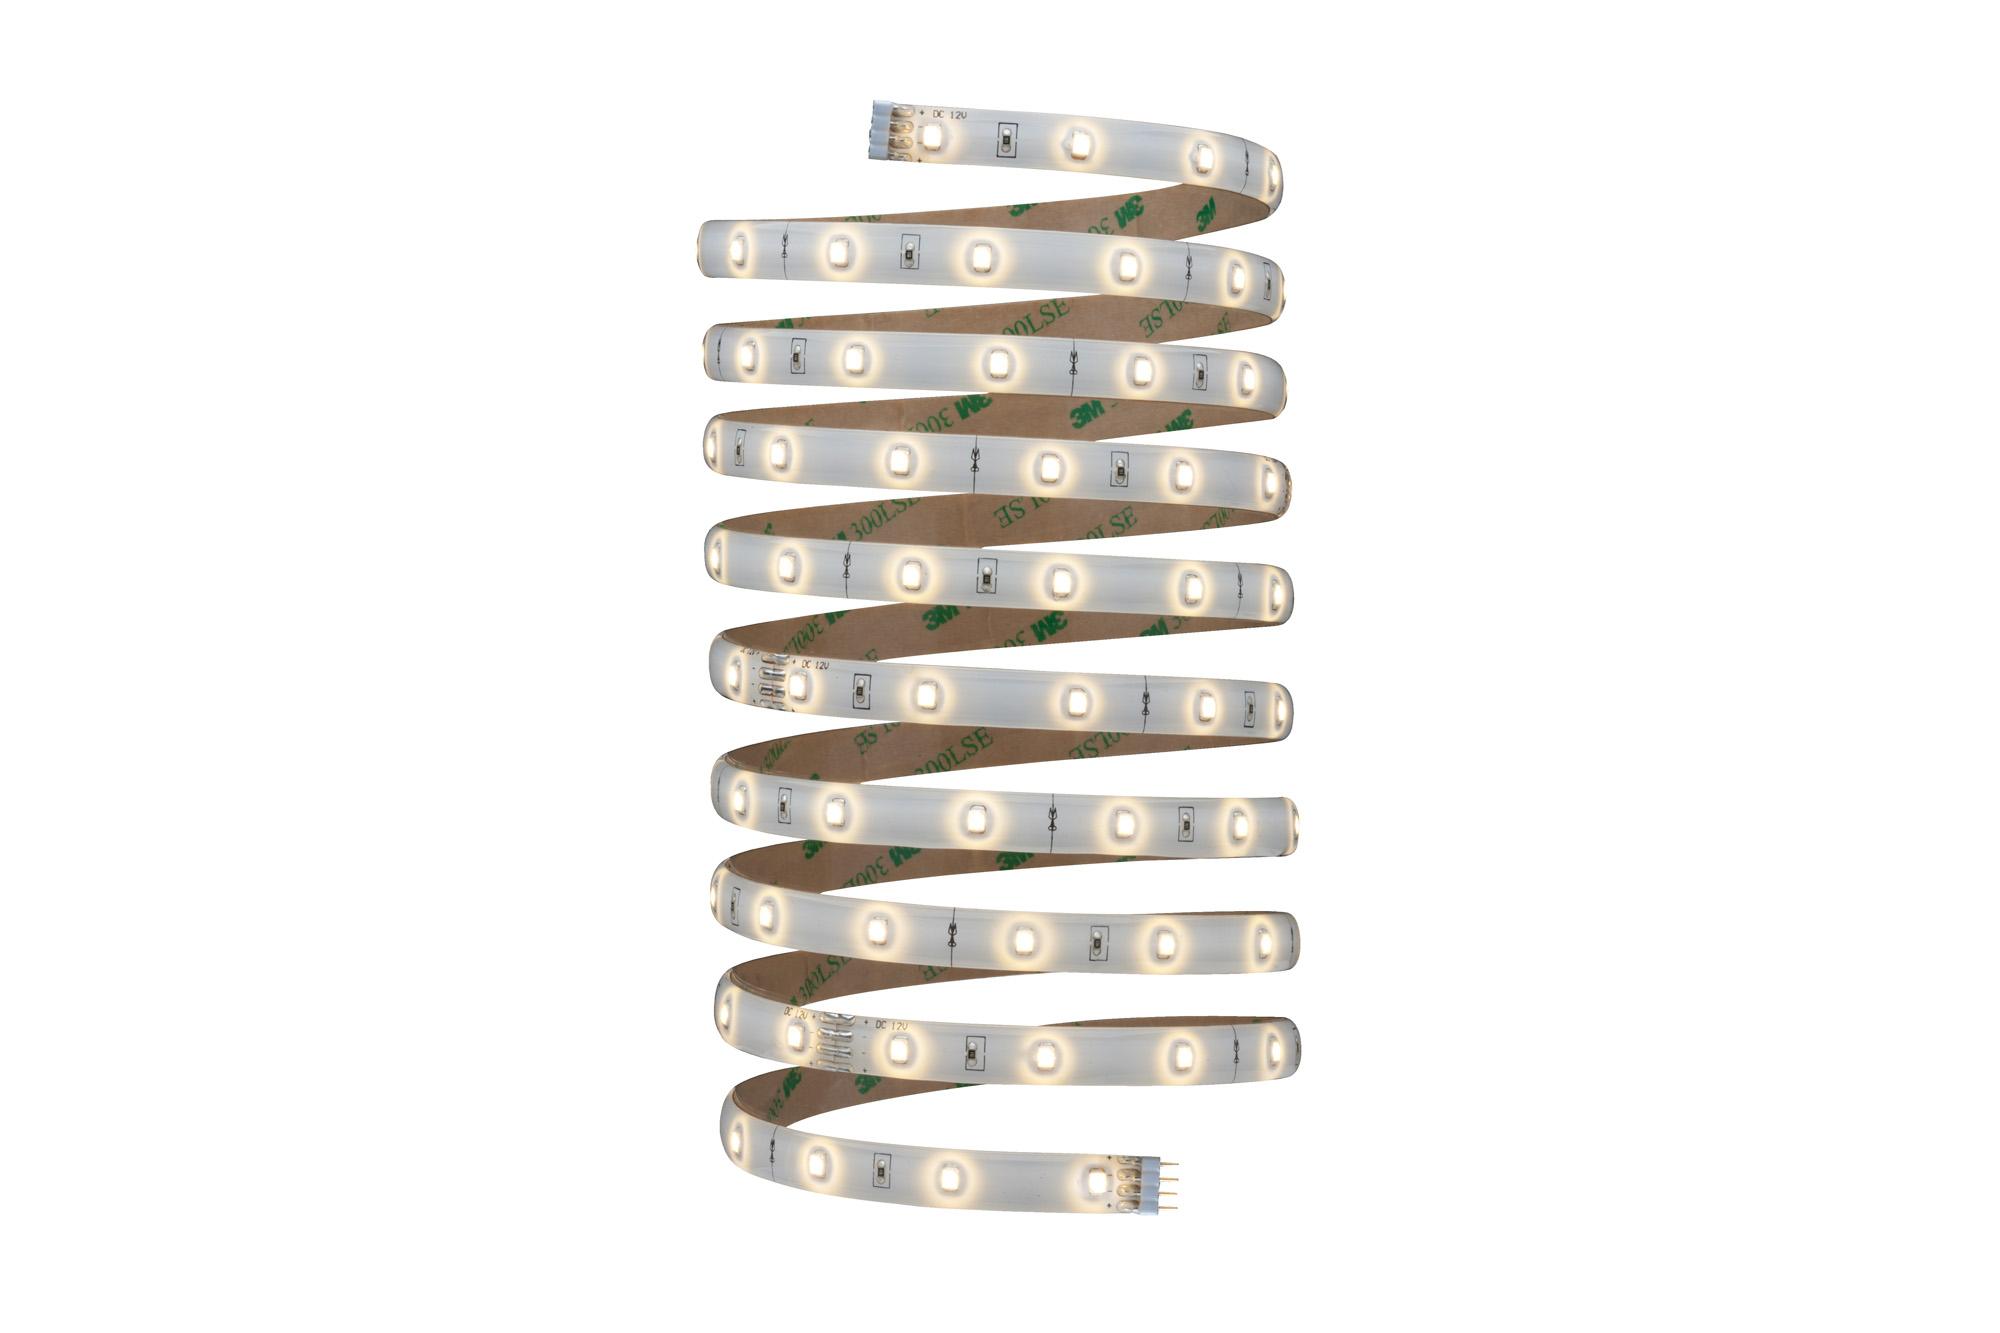 paulmann yourled stripe basisset 3 m klar beschichtet farbe wei lichtfarbe warmwei. Black Bedroom Furniture Sets. Home Design Ideas